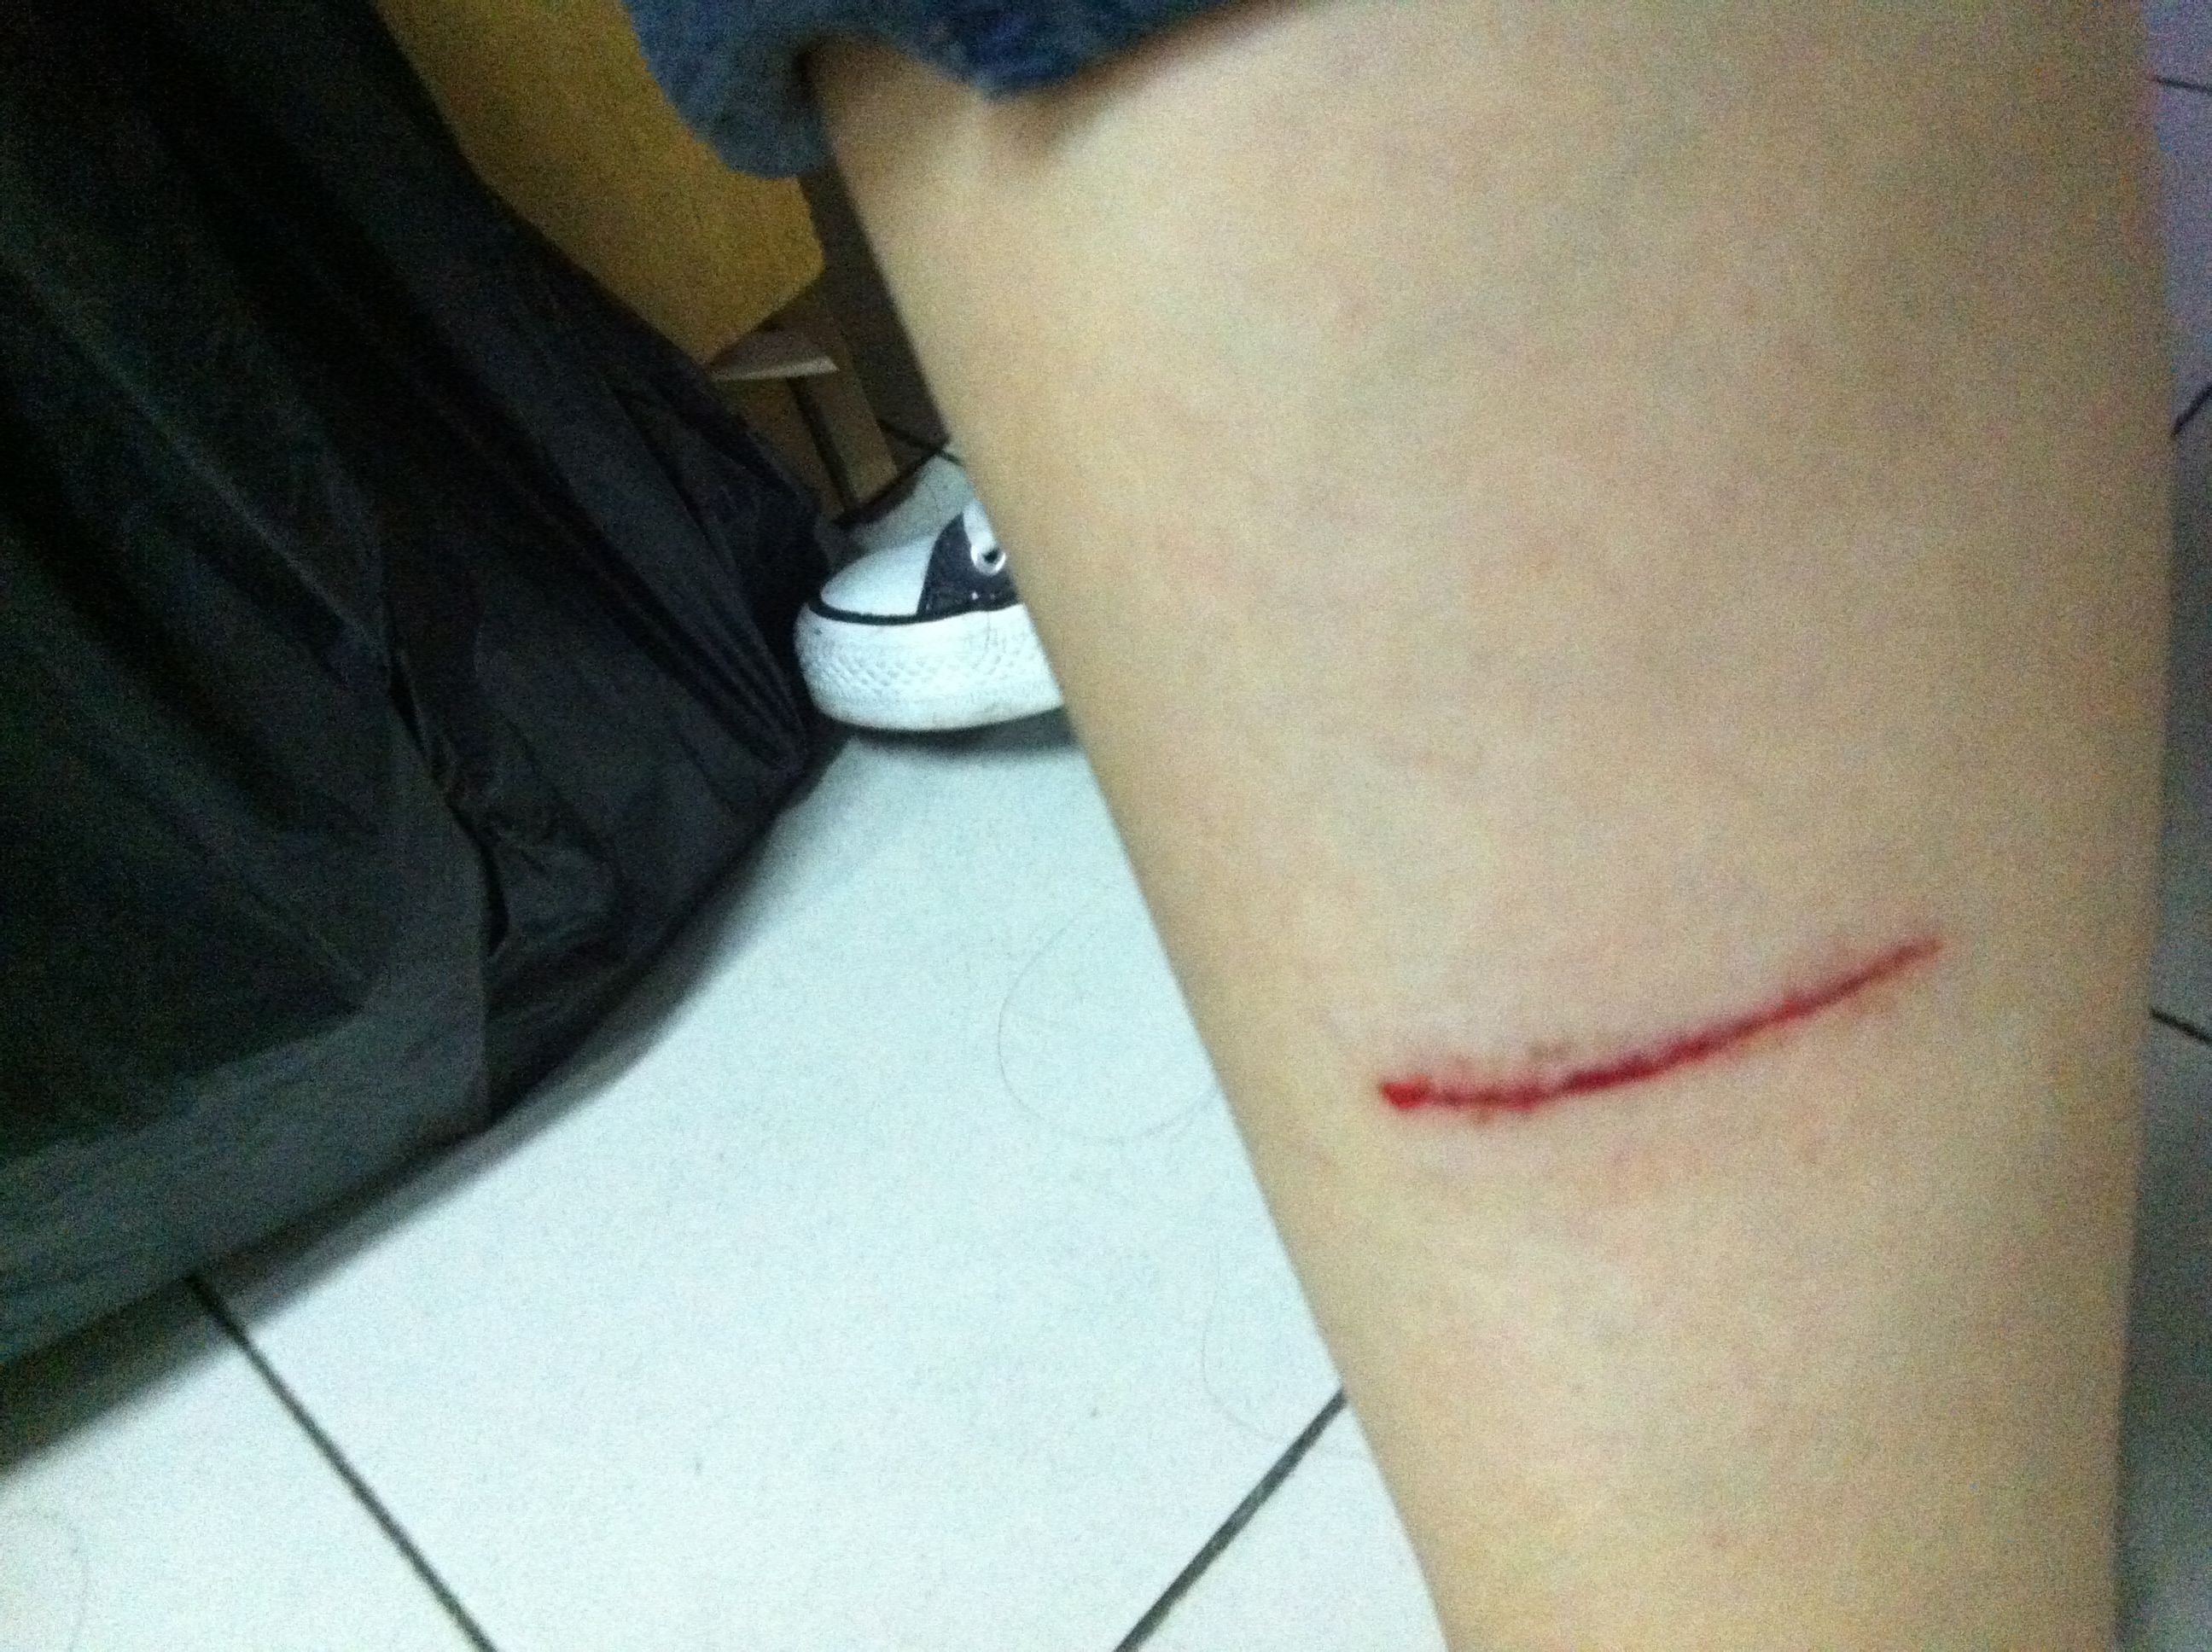 手被刀割流血的囹�a_游泳的时候磕破了,要不要打破伤风?